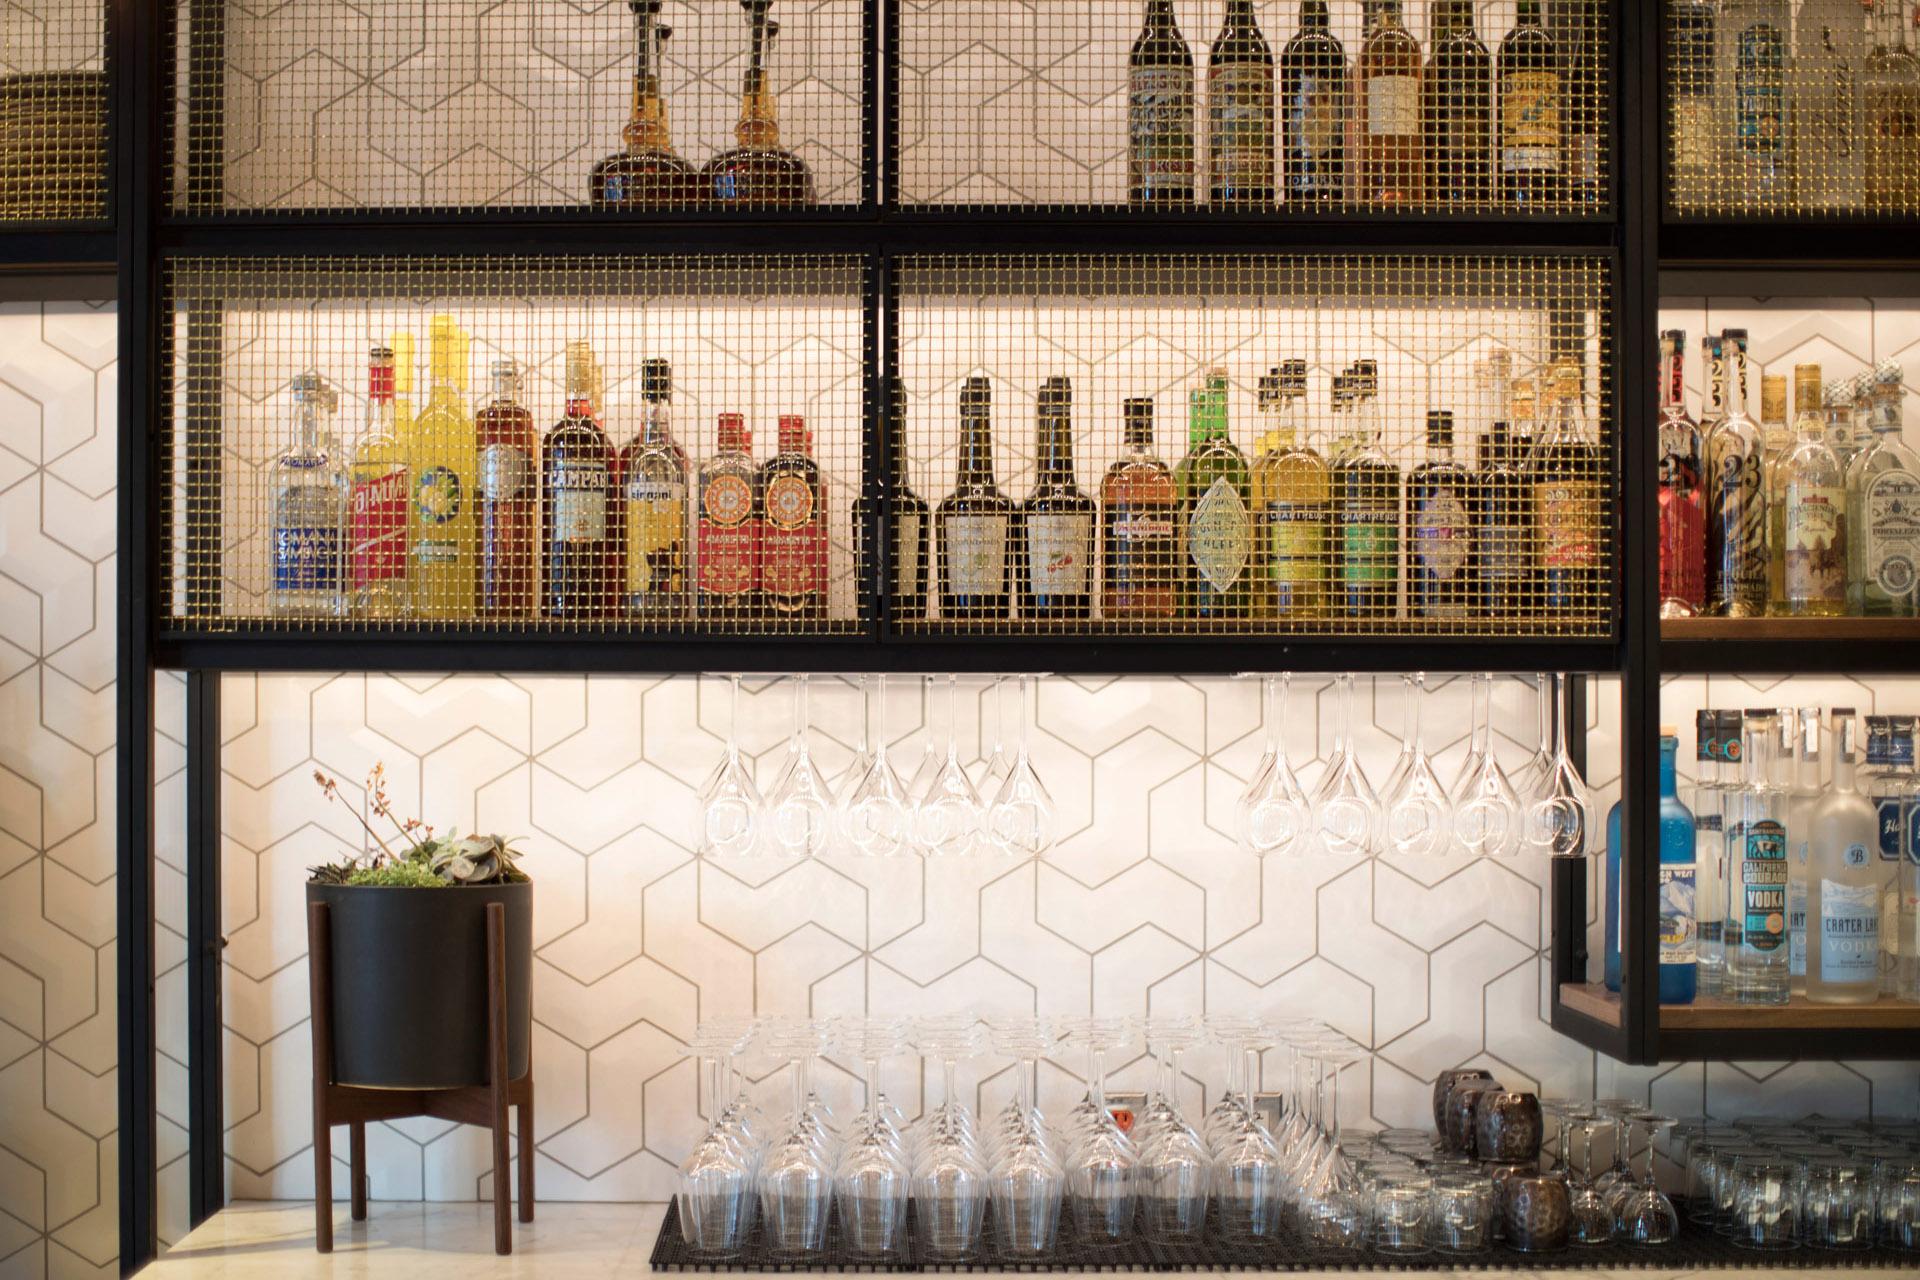 Pausa Bar & Cookery restaurant design ideas